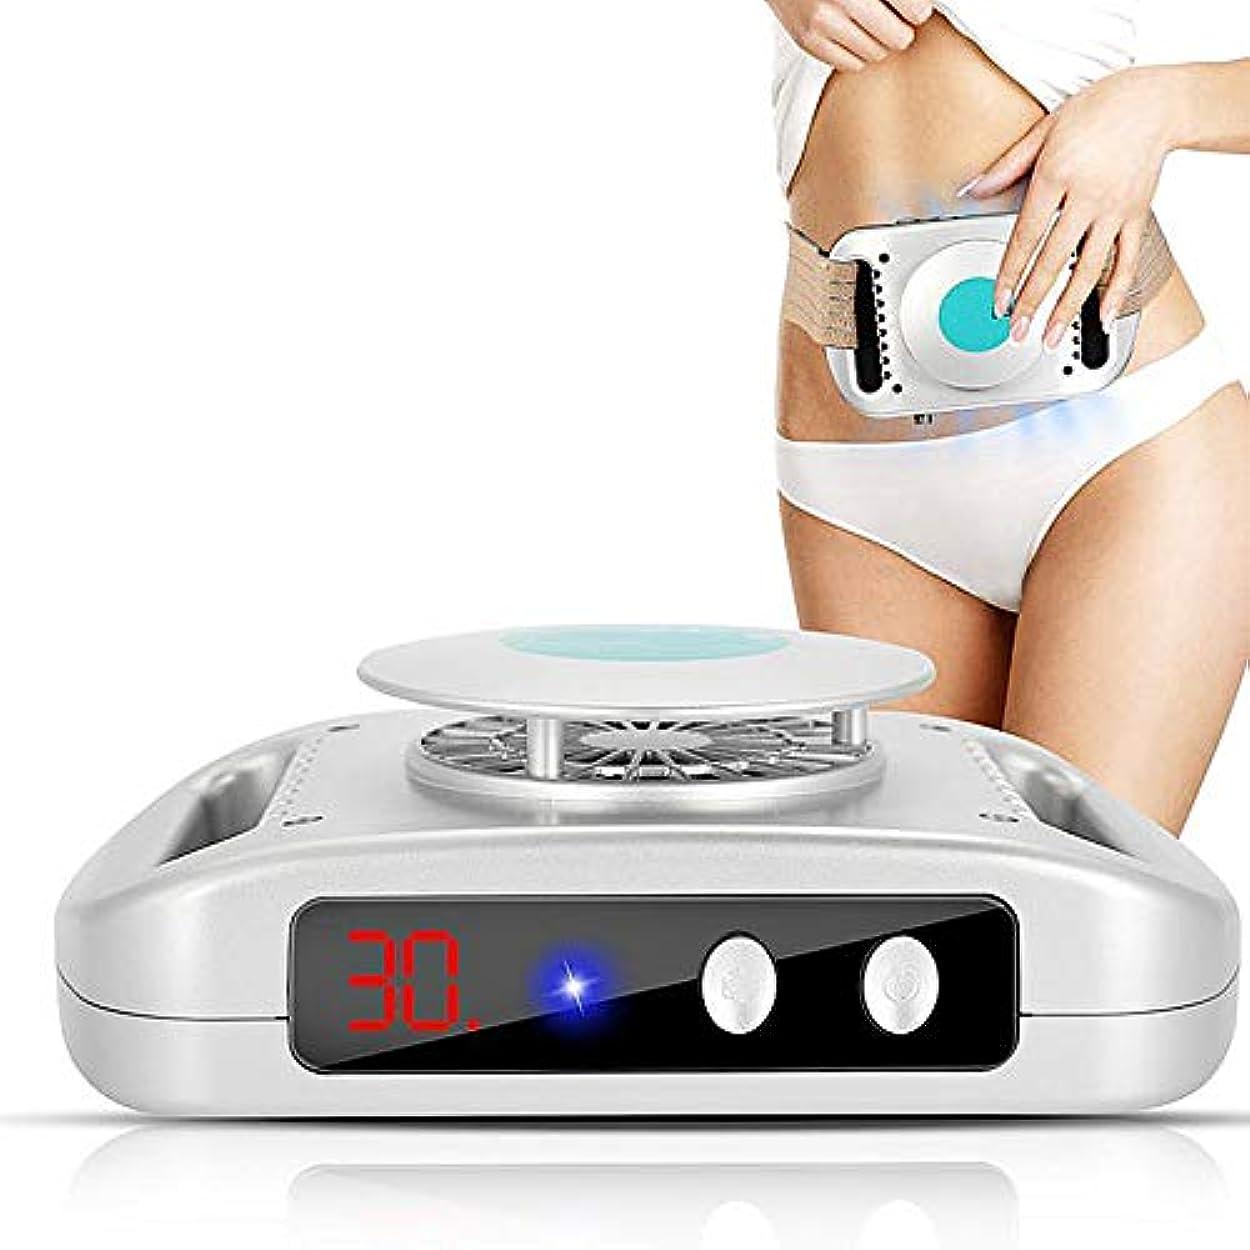 に関して農民スケート女性男性のためのトレーナーベルトが付いているボディ痩身の美装置の脂肪分解の物質の冷たい凍結の形成の重量の脂肪質の損失機械